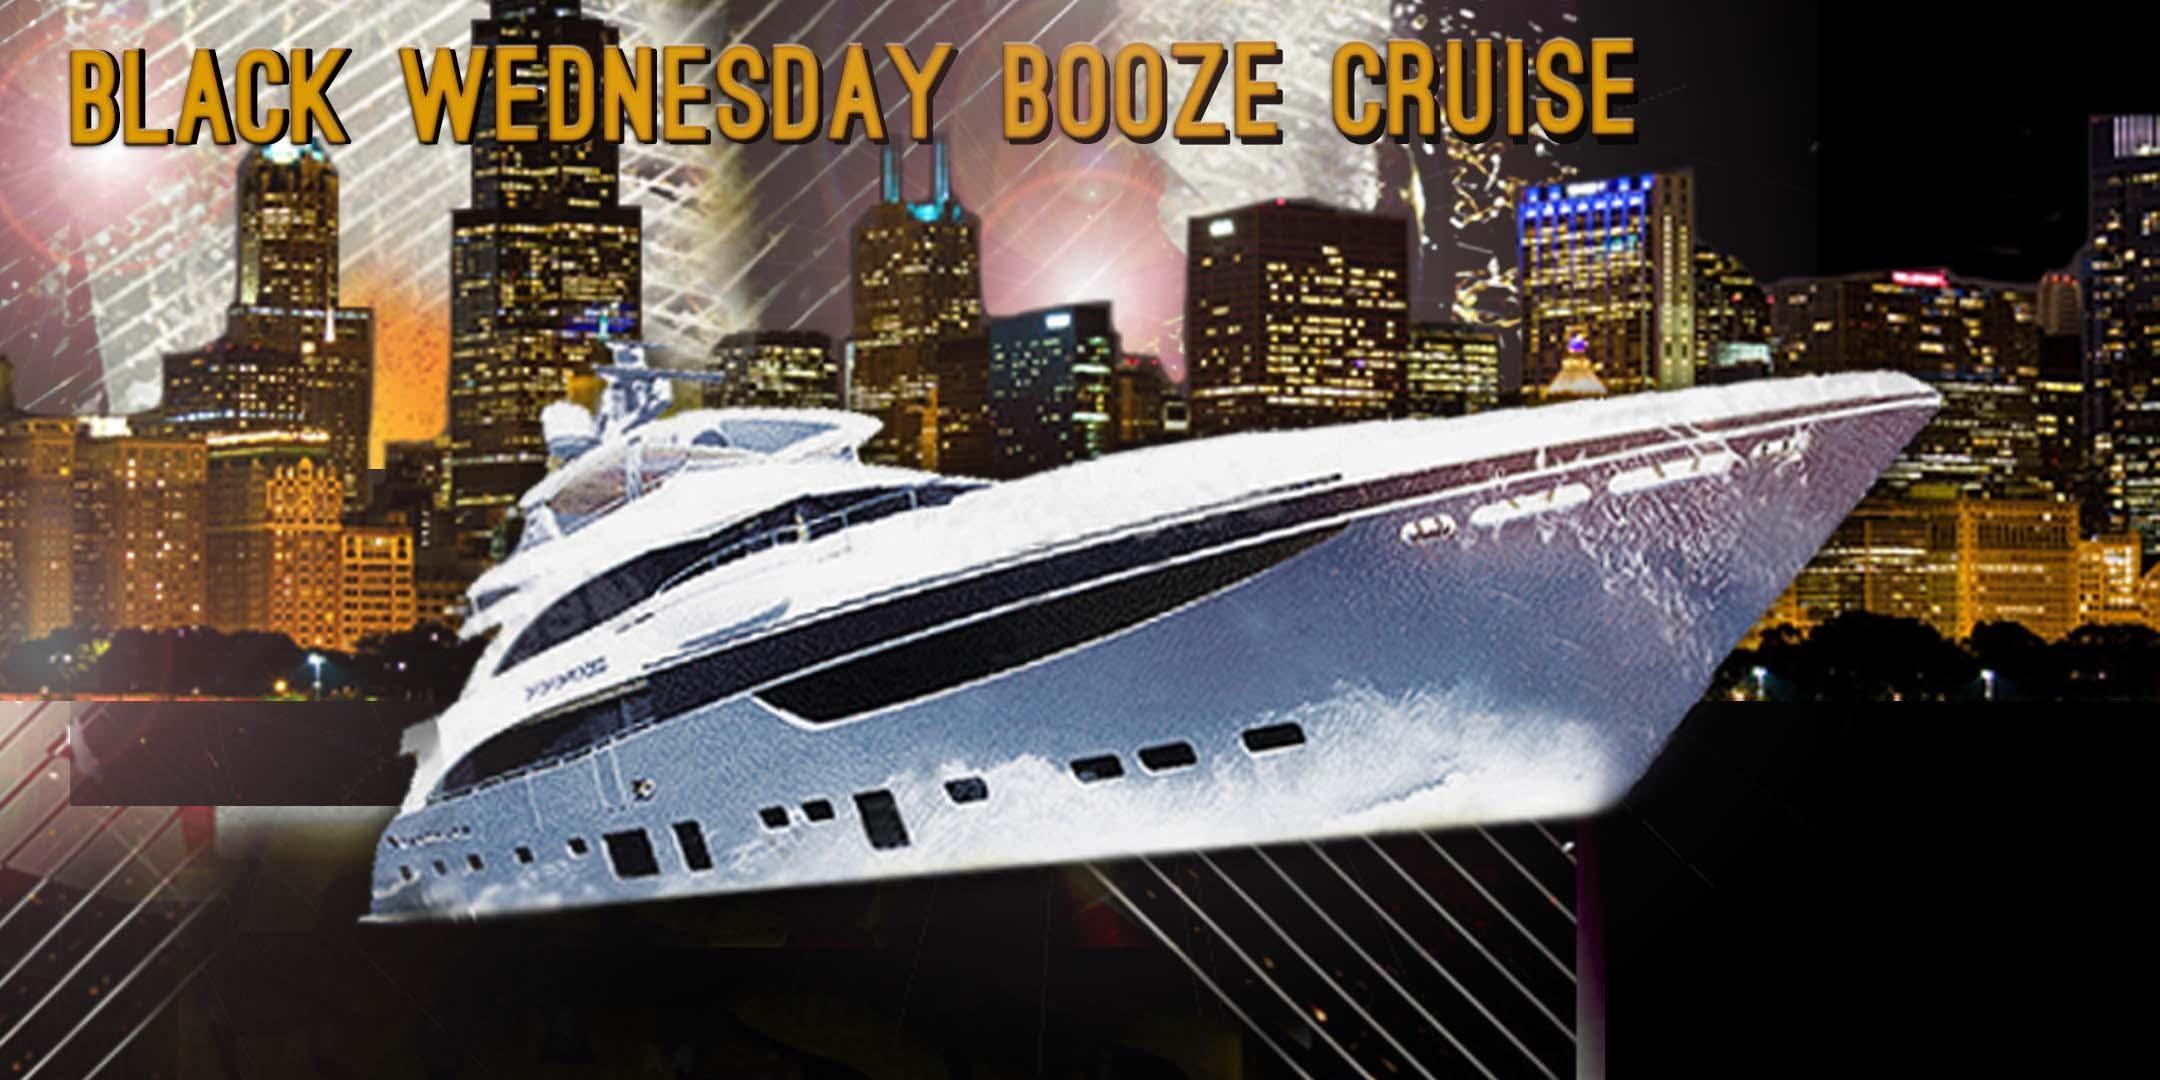 Black Wednesday Booze Cruise on November 21st